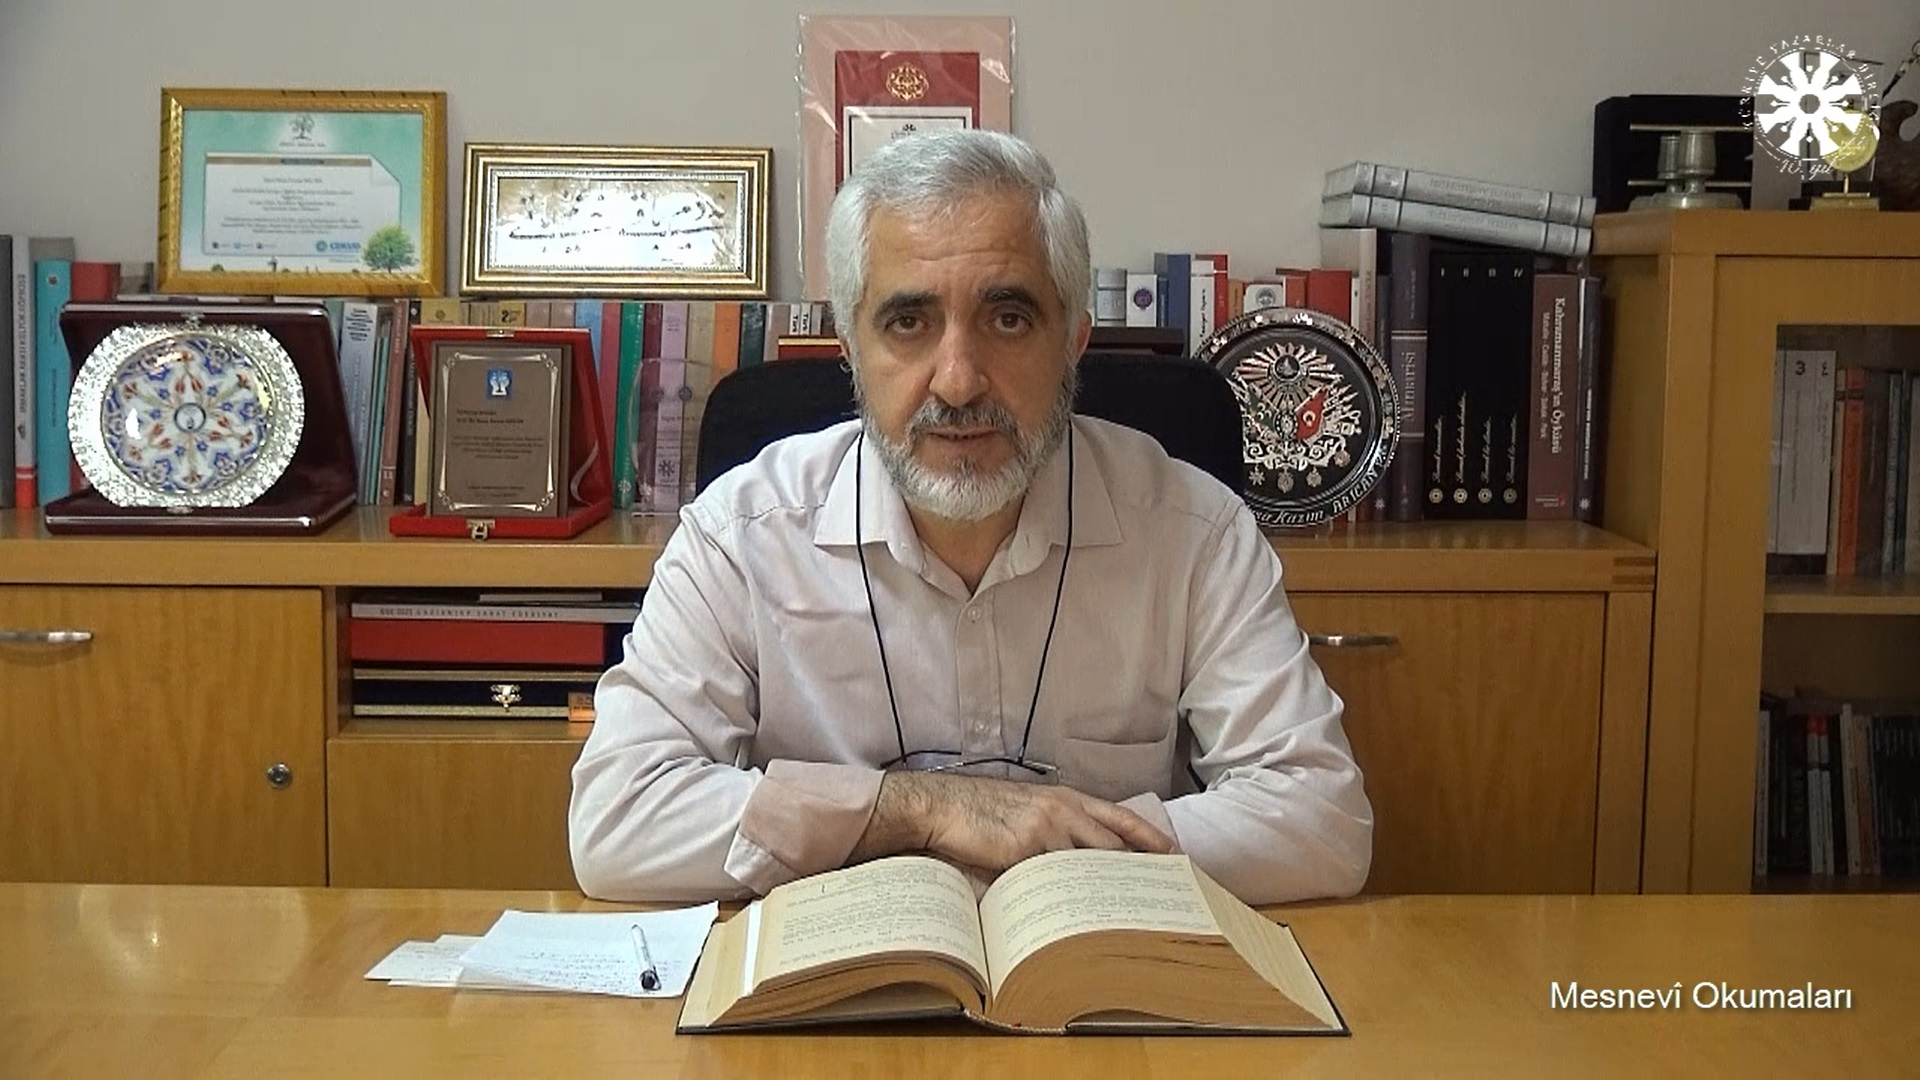 Mesnevî Okumaları -105- Prof. Dr. Zülfikar Güngör